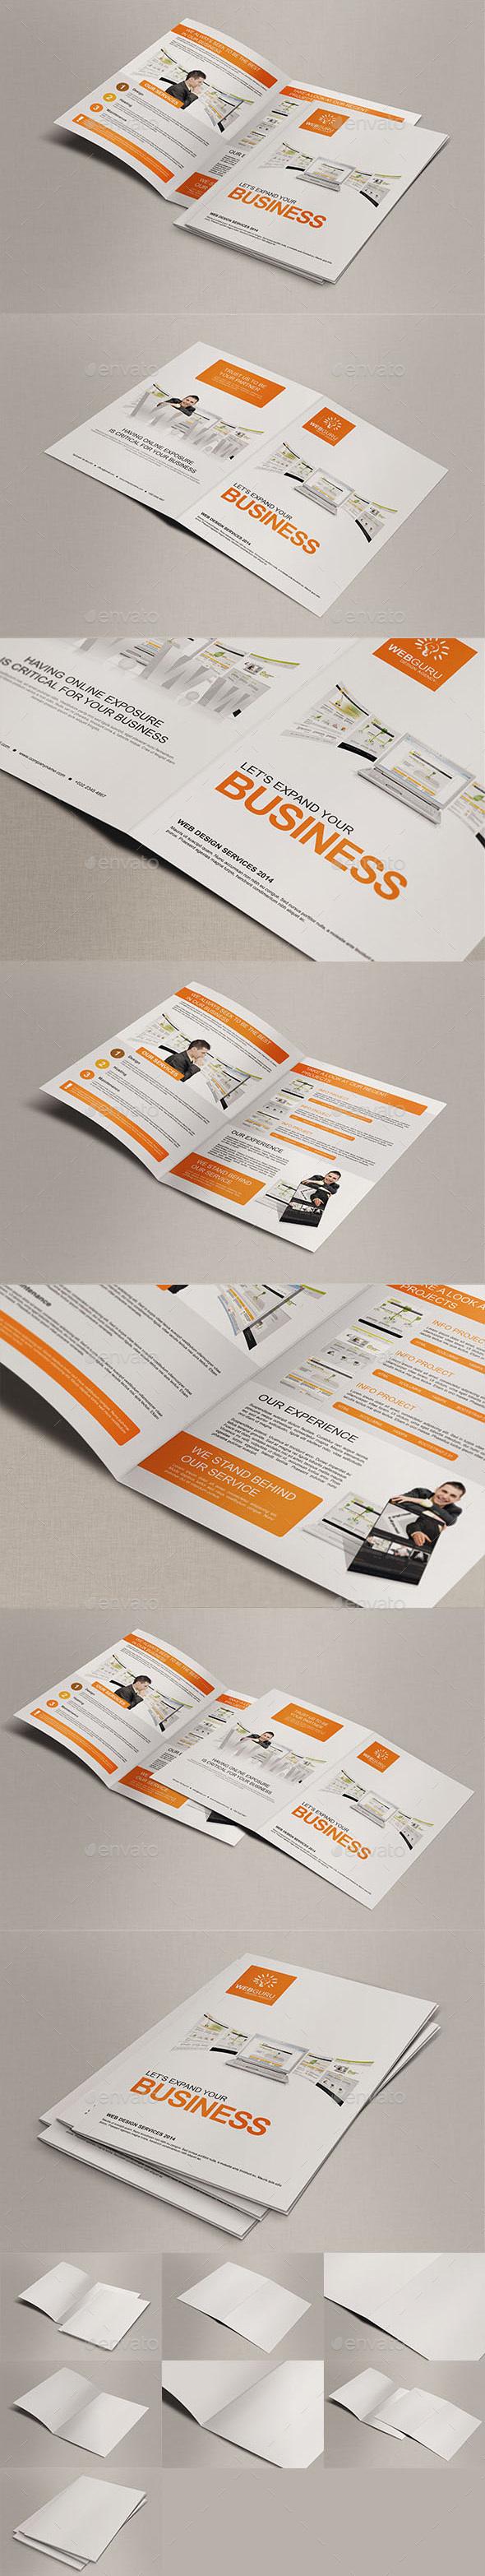 Realistic A4 Bi Fold Brochure Mock Ups - Brochures Print